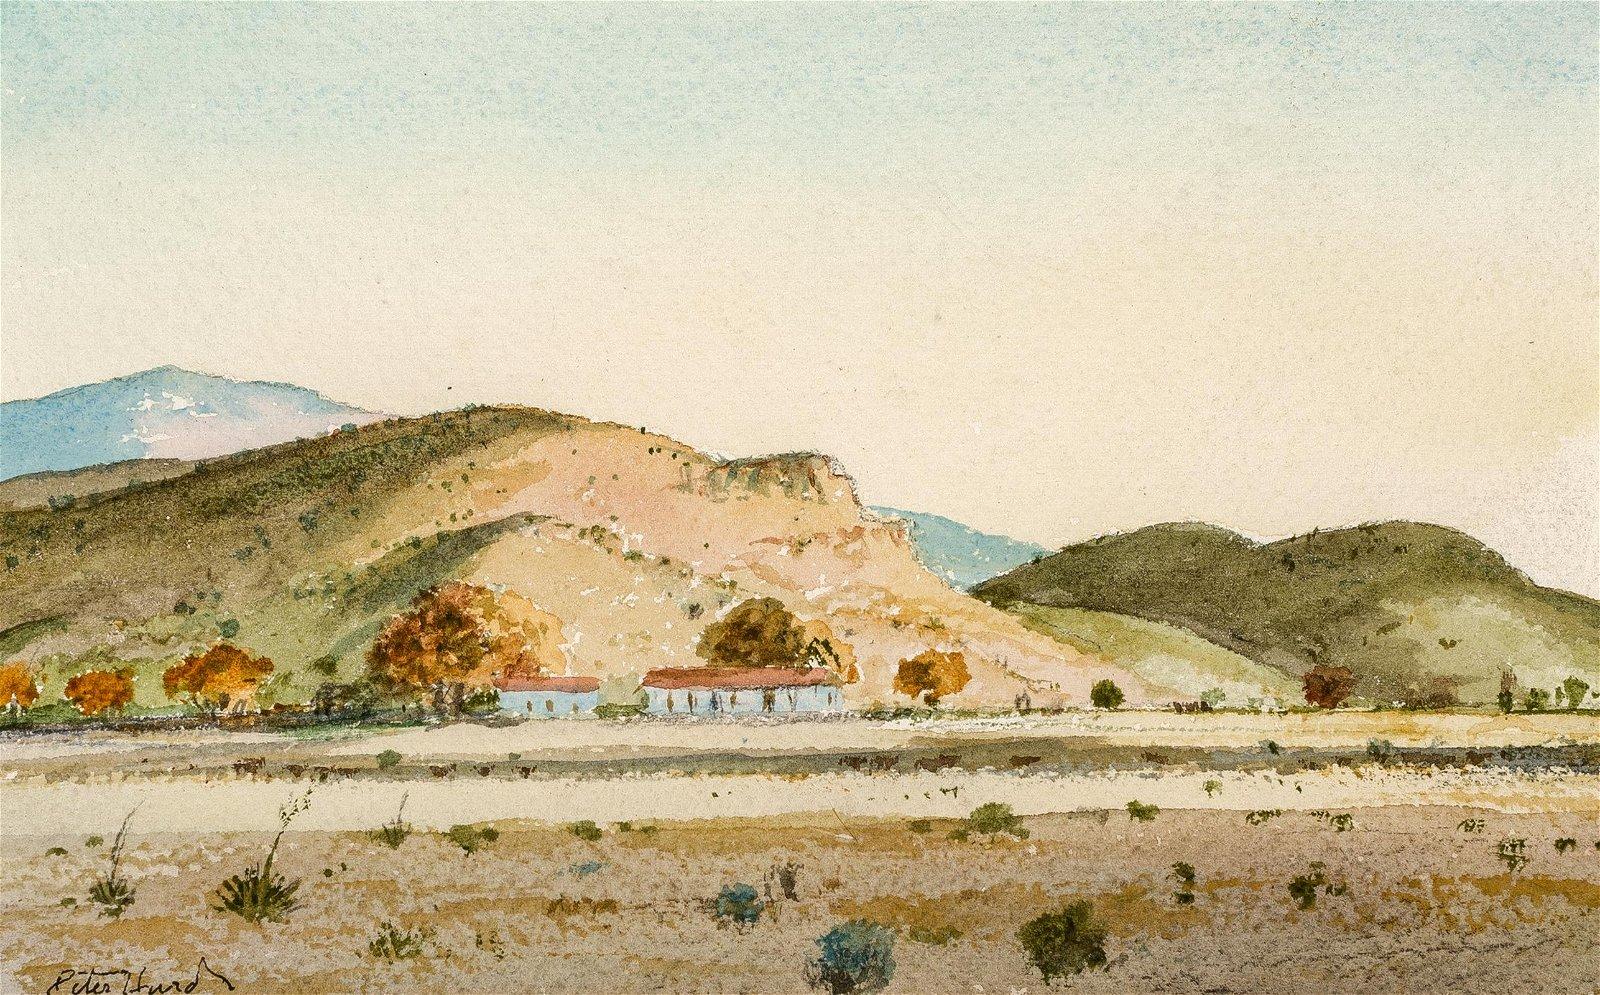 Peter Hurd | Hondo Valley Ranch